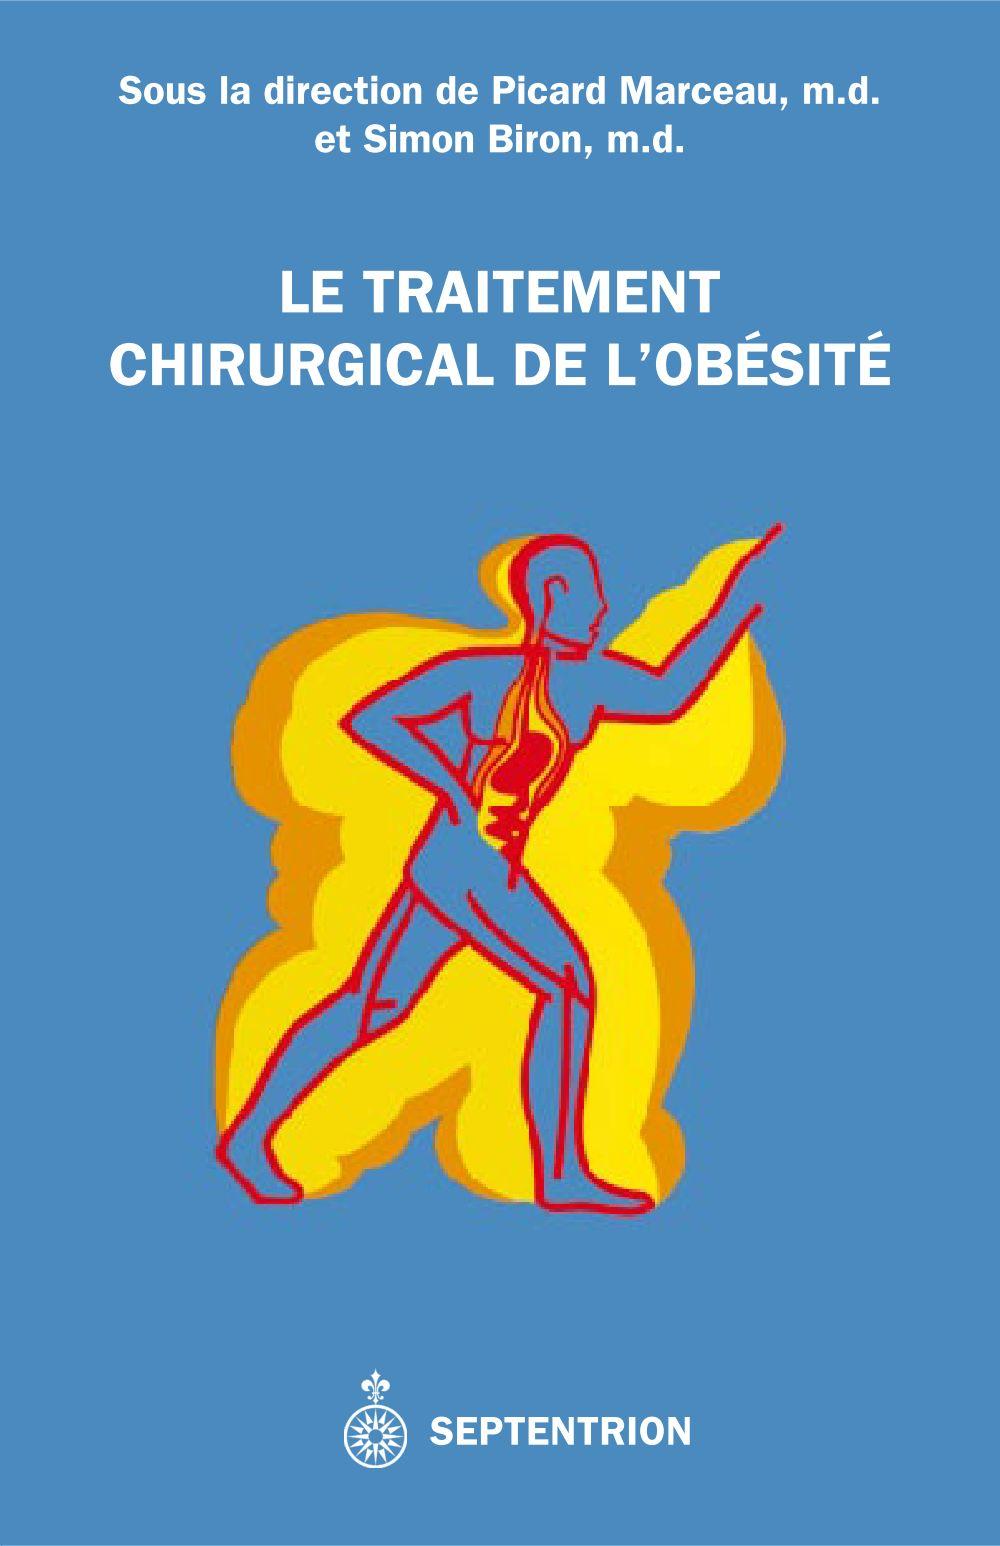 Traitement chirurgical de l'obésité | 2e édition